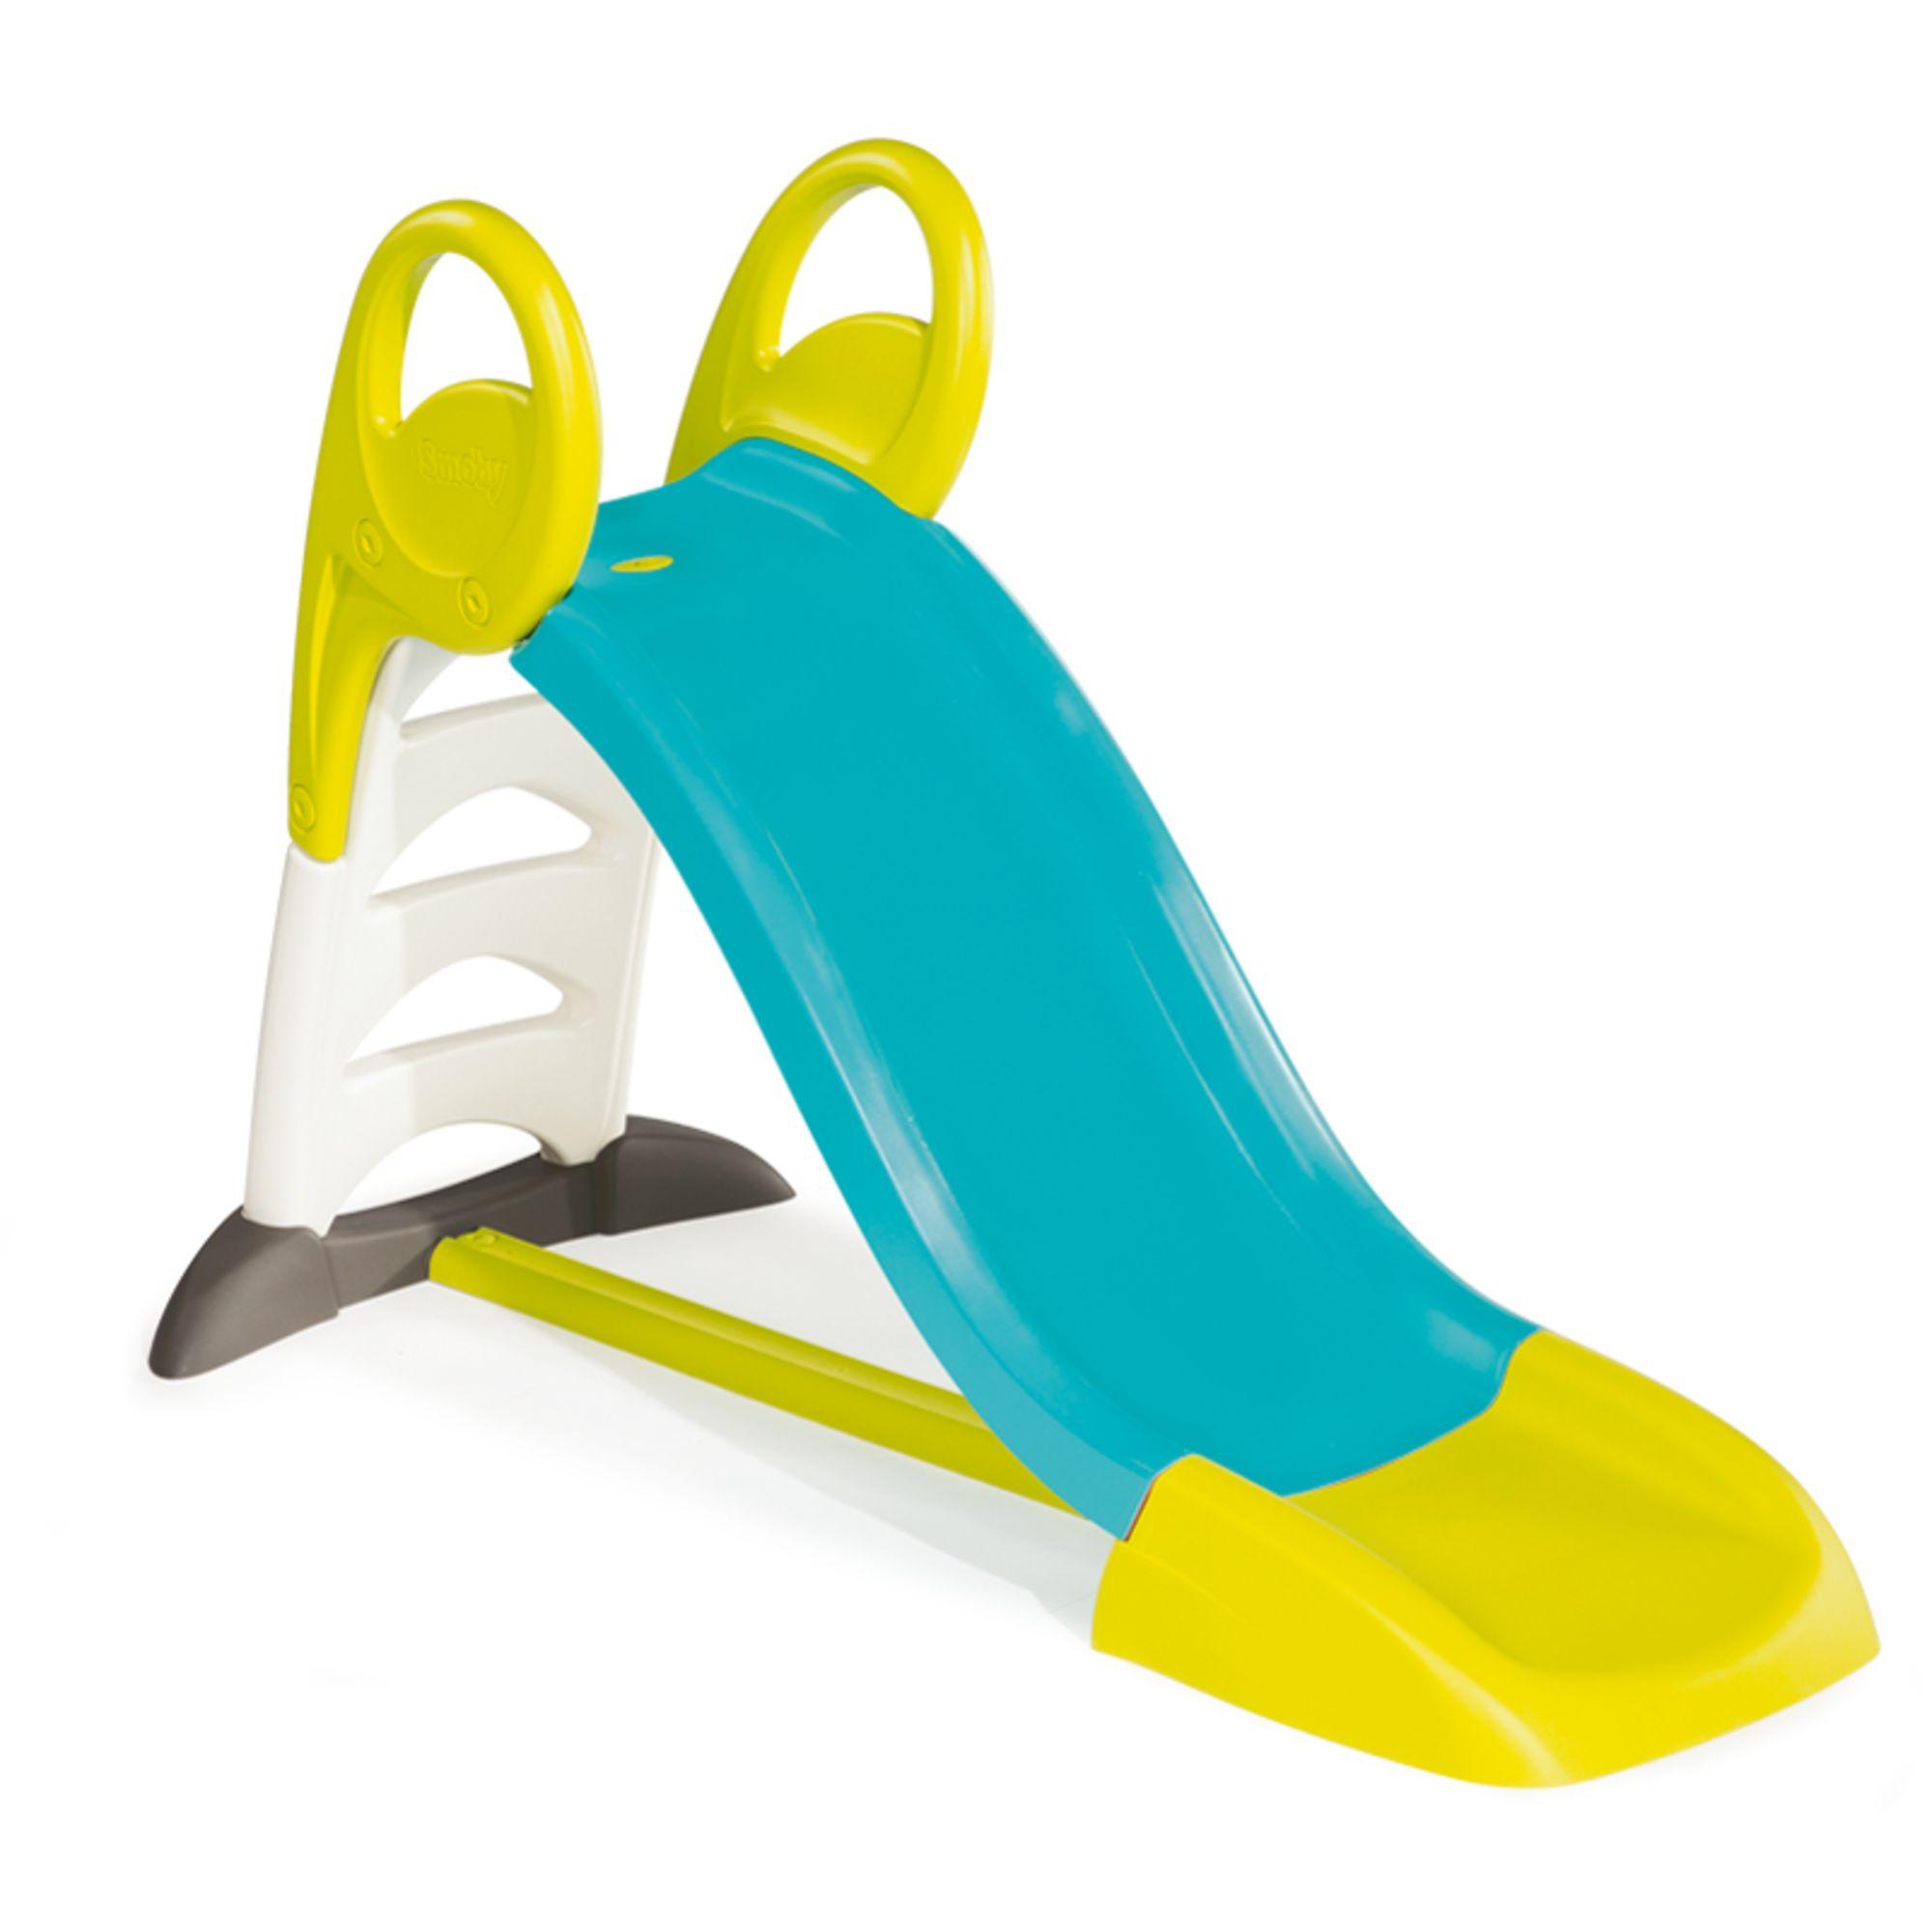 Smoby Sklie My Slide Blå & Grønn